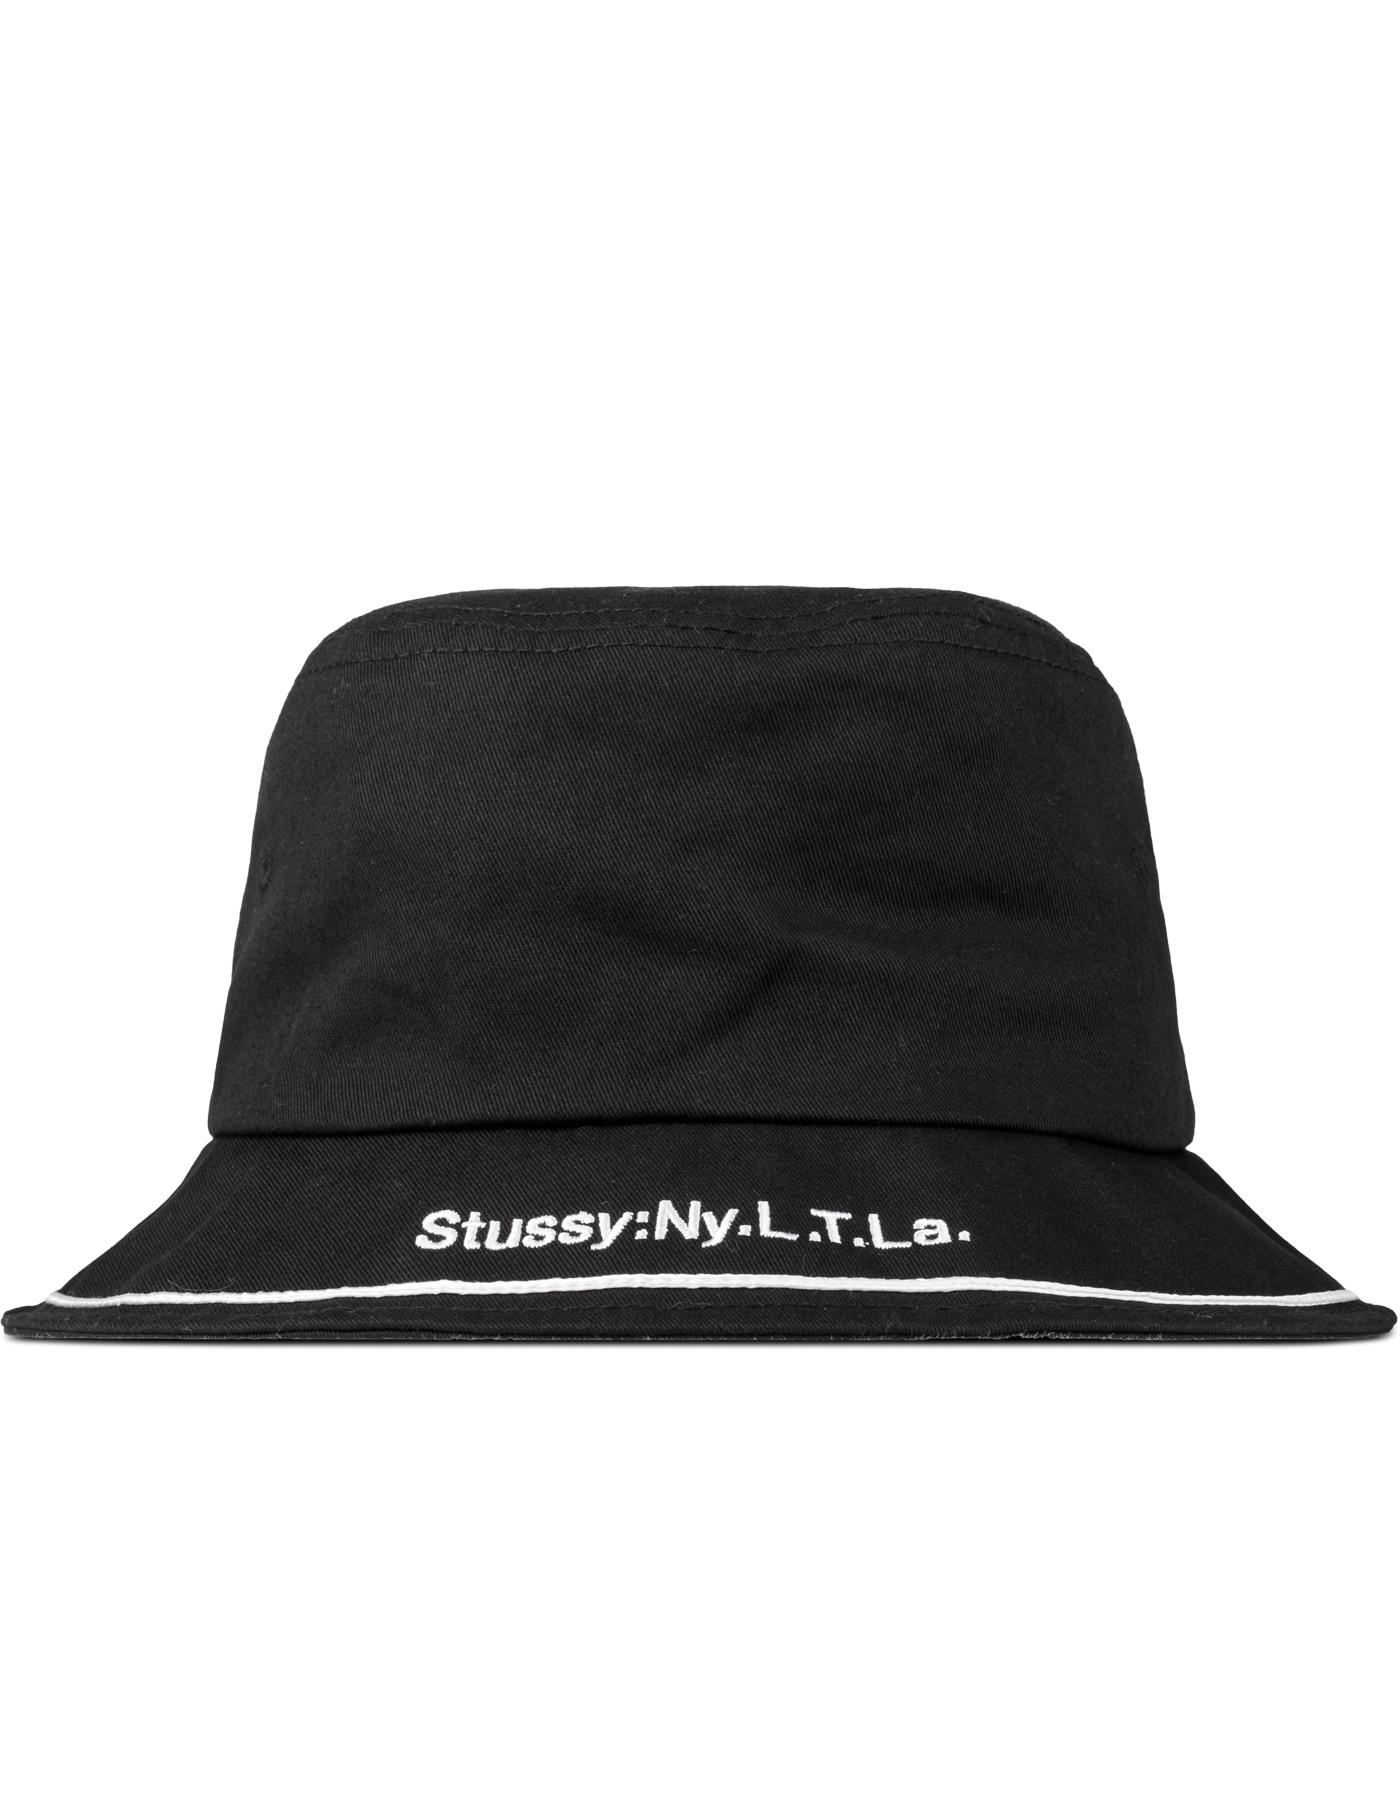 Stussy Nytla Bucket Hat | HBX.